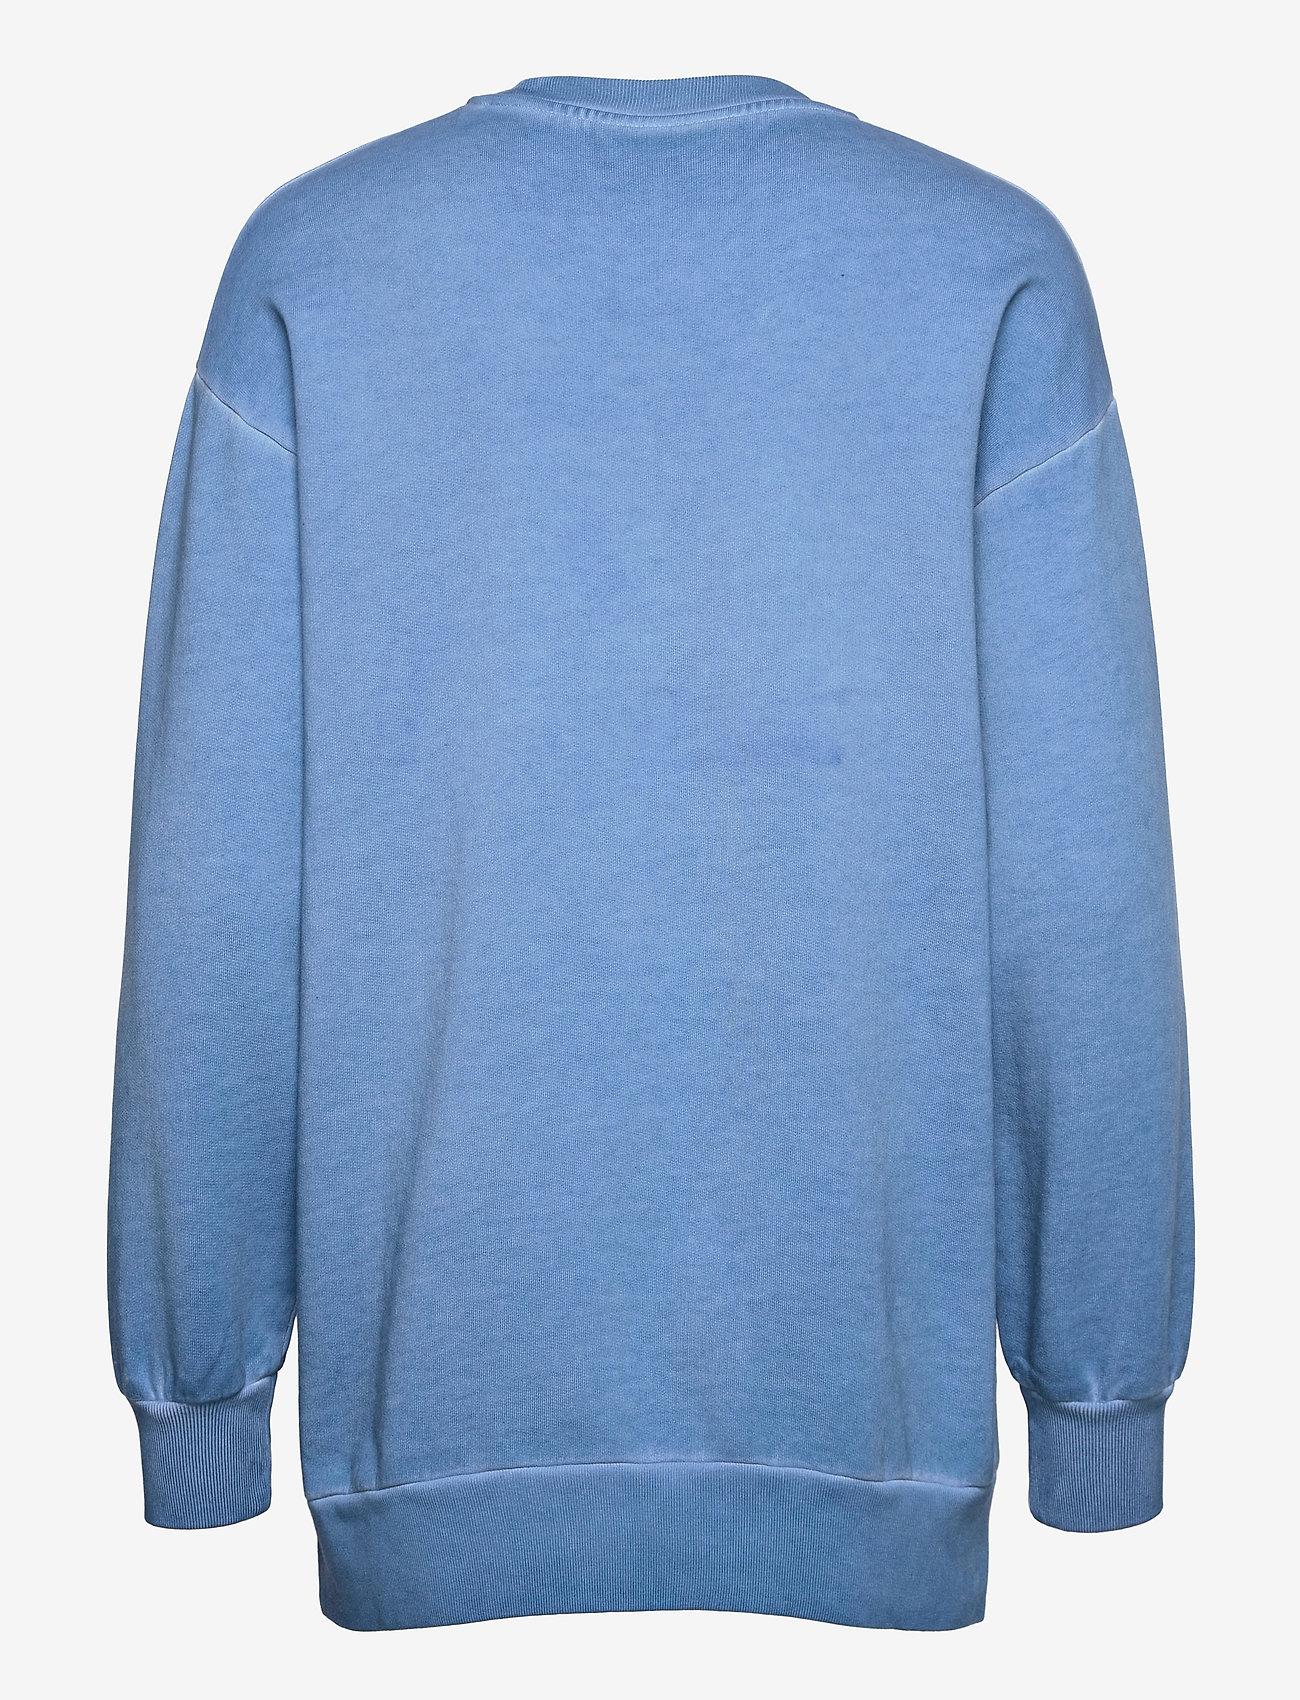 HAN Kjøbenhavn - Relaxed Crew - sweatshirts - faded blue - 1